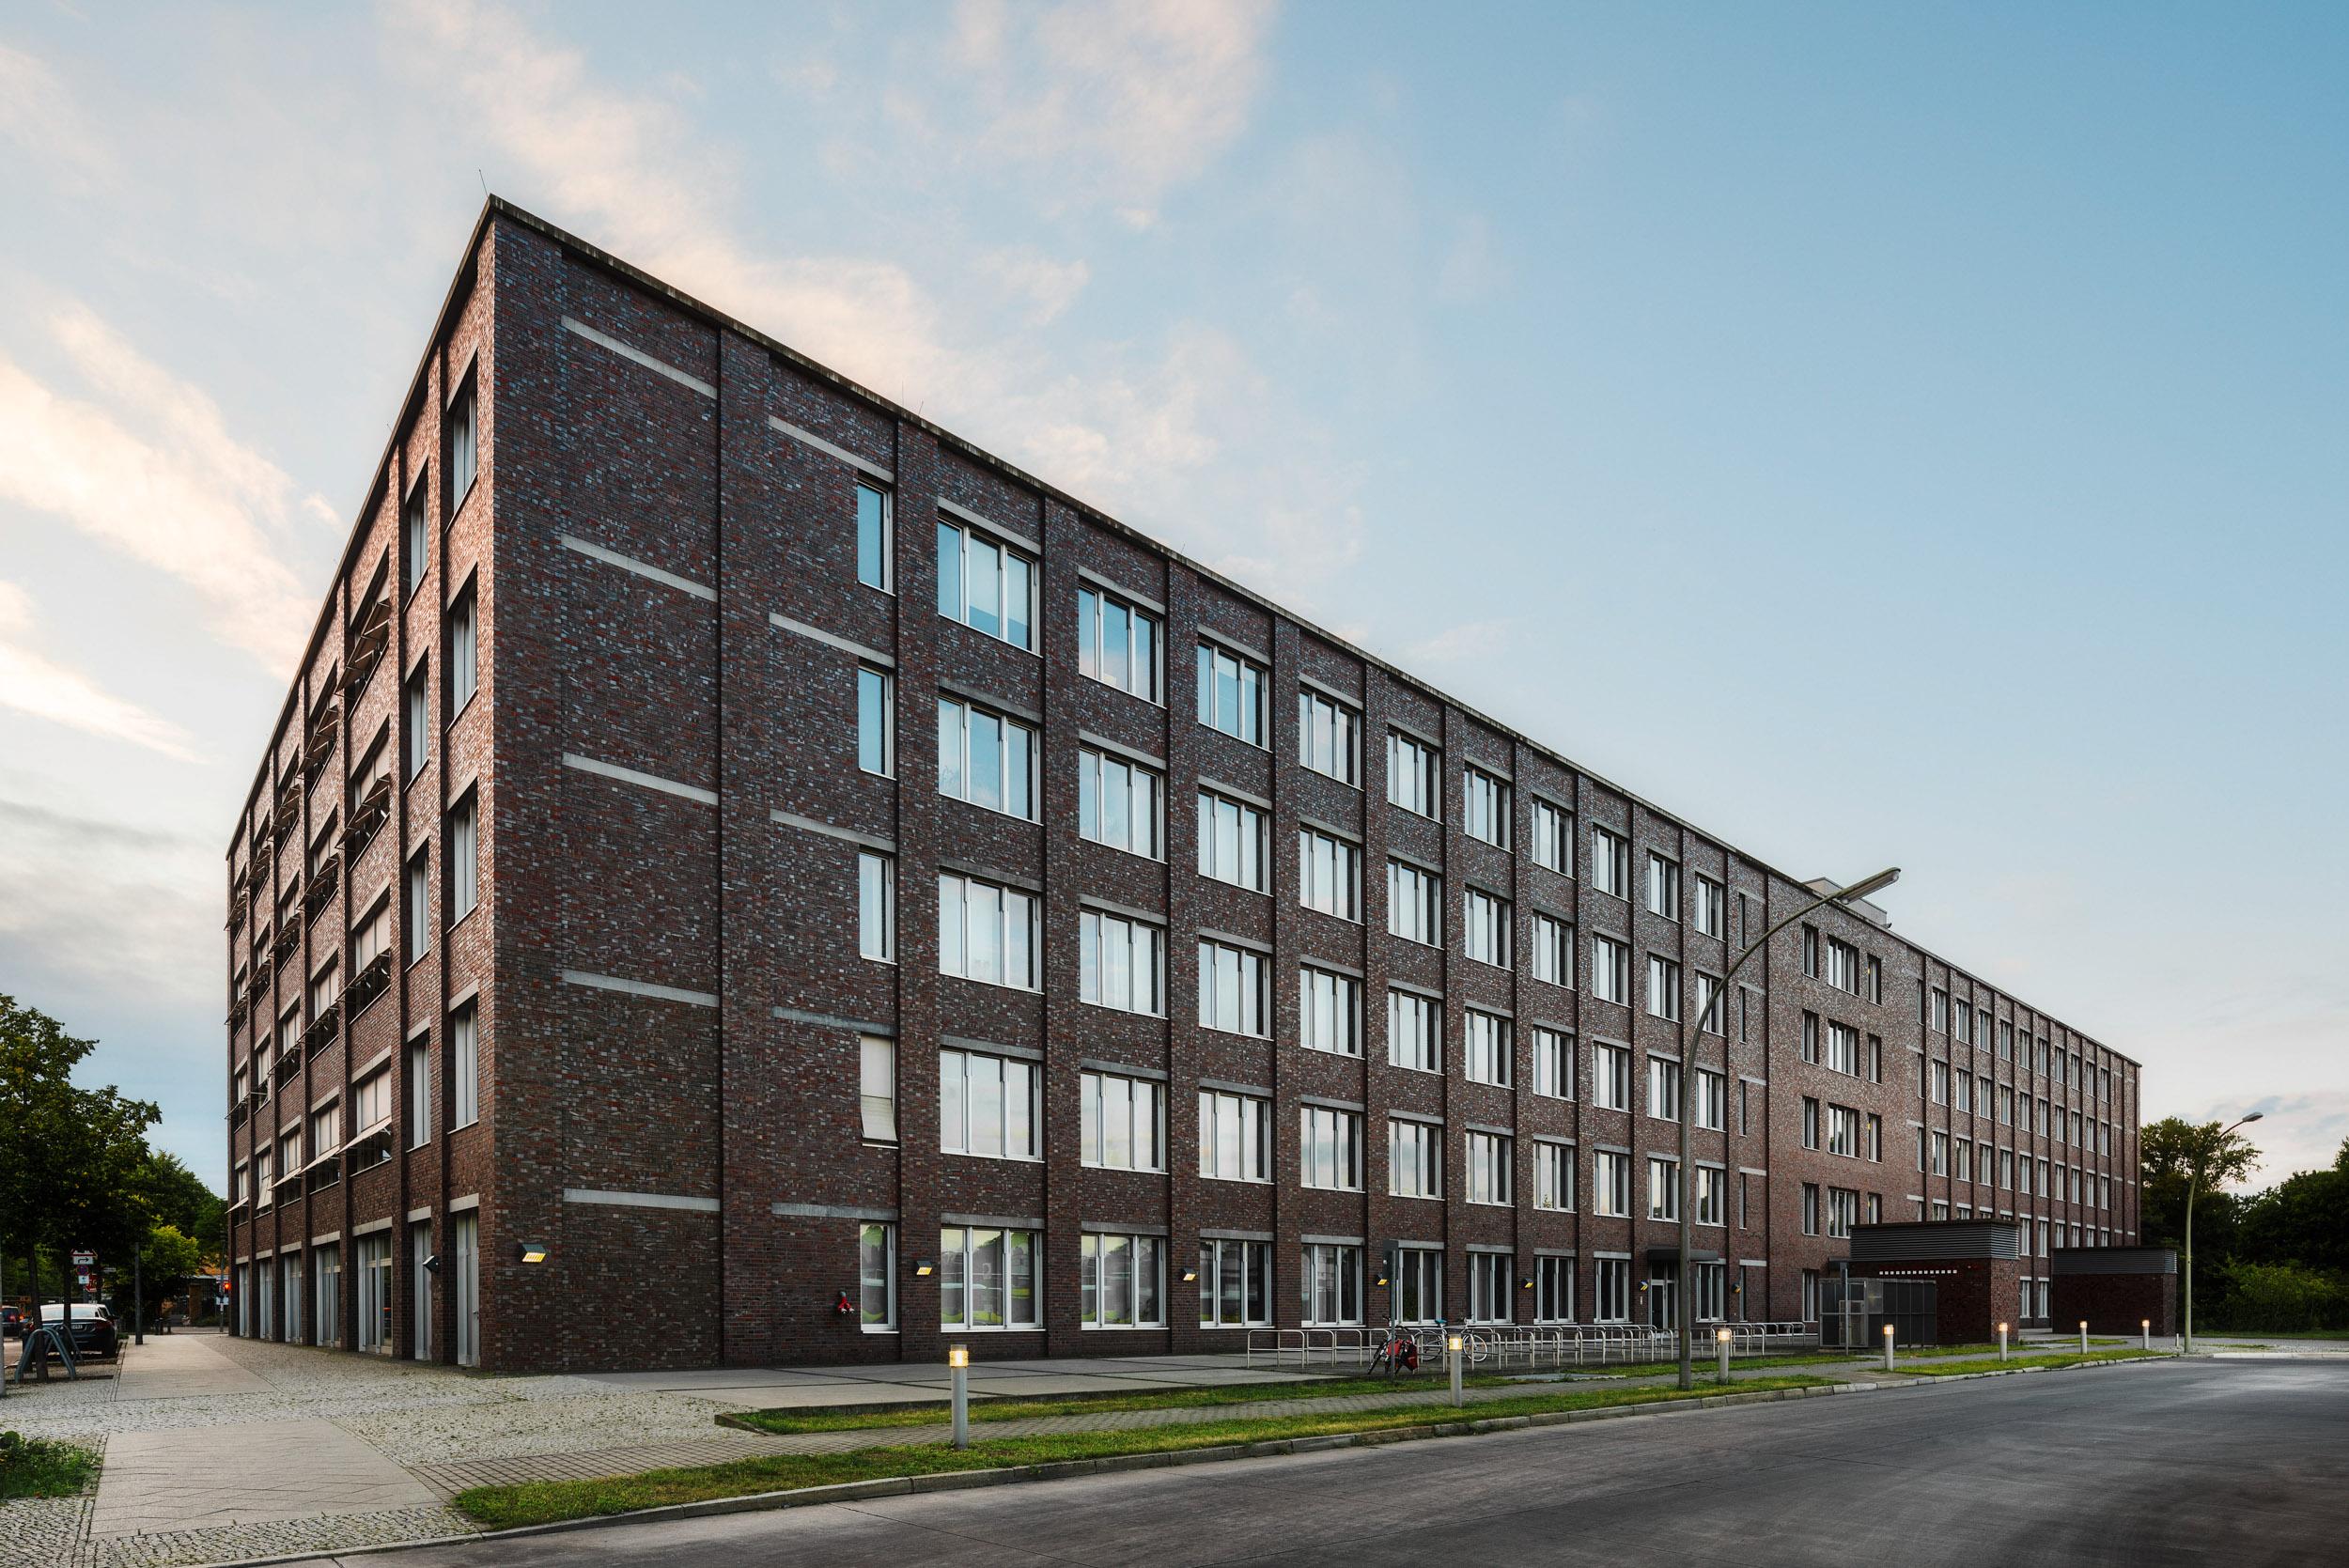 Gustav-Epple-Bauunternehmung-Bibliothek-Technische-Universität-Berlin_MLX6231